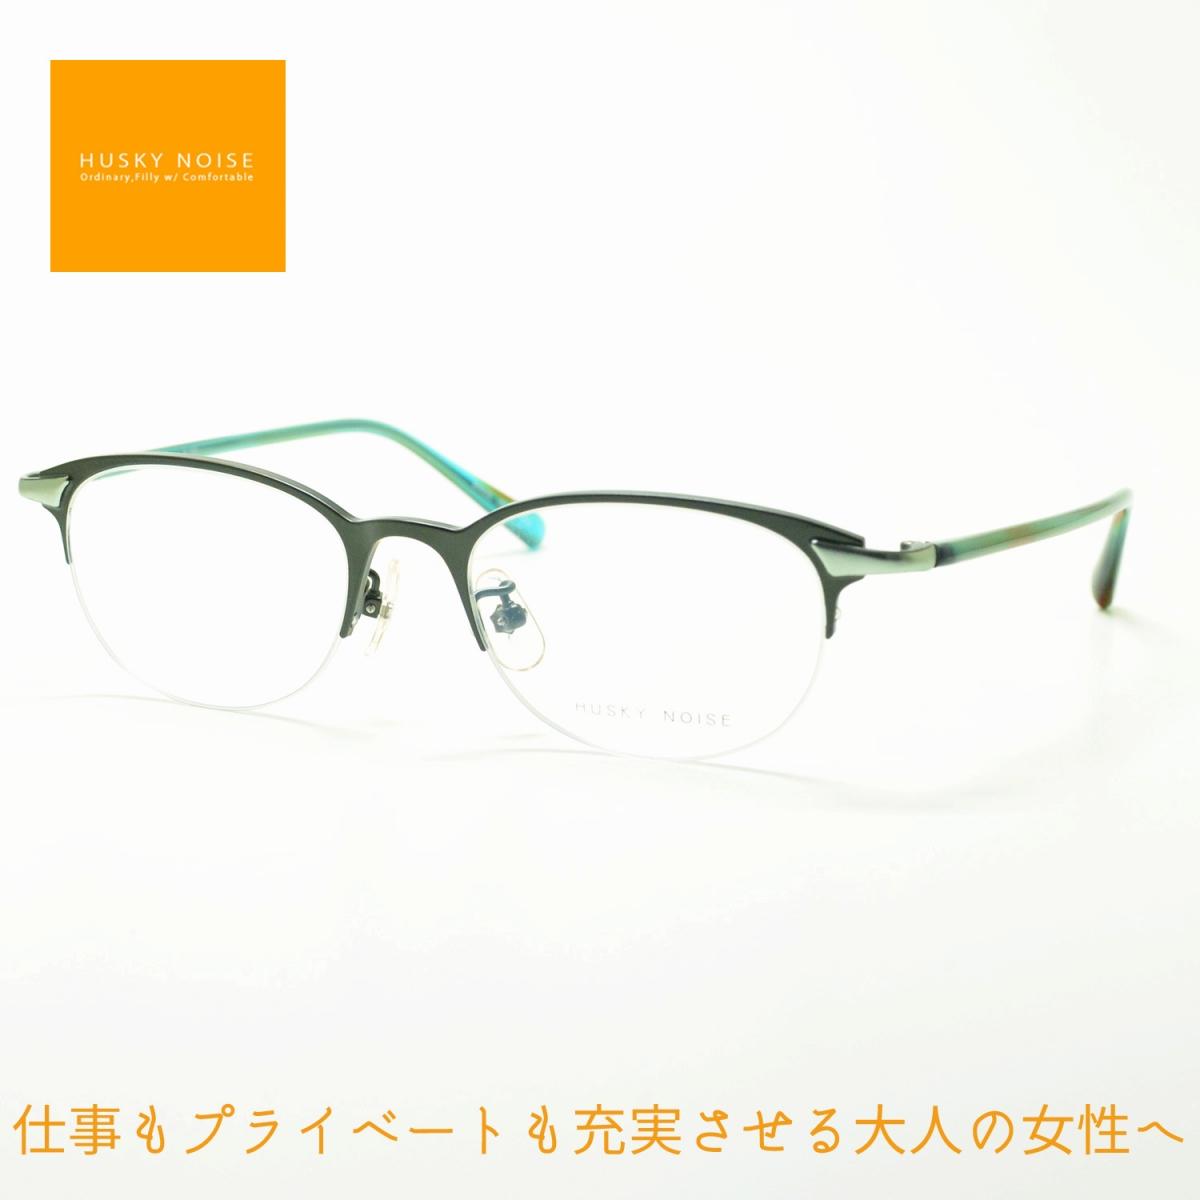 HUSKY NOISE ハスキーノイズ H-165 col-4メガネ 眼鏡 めがね レディース おしゃれ ブランド 人気 おすすめ フレーム 流行り 度付き レンズ